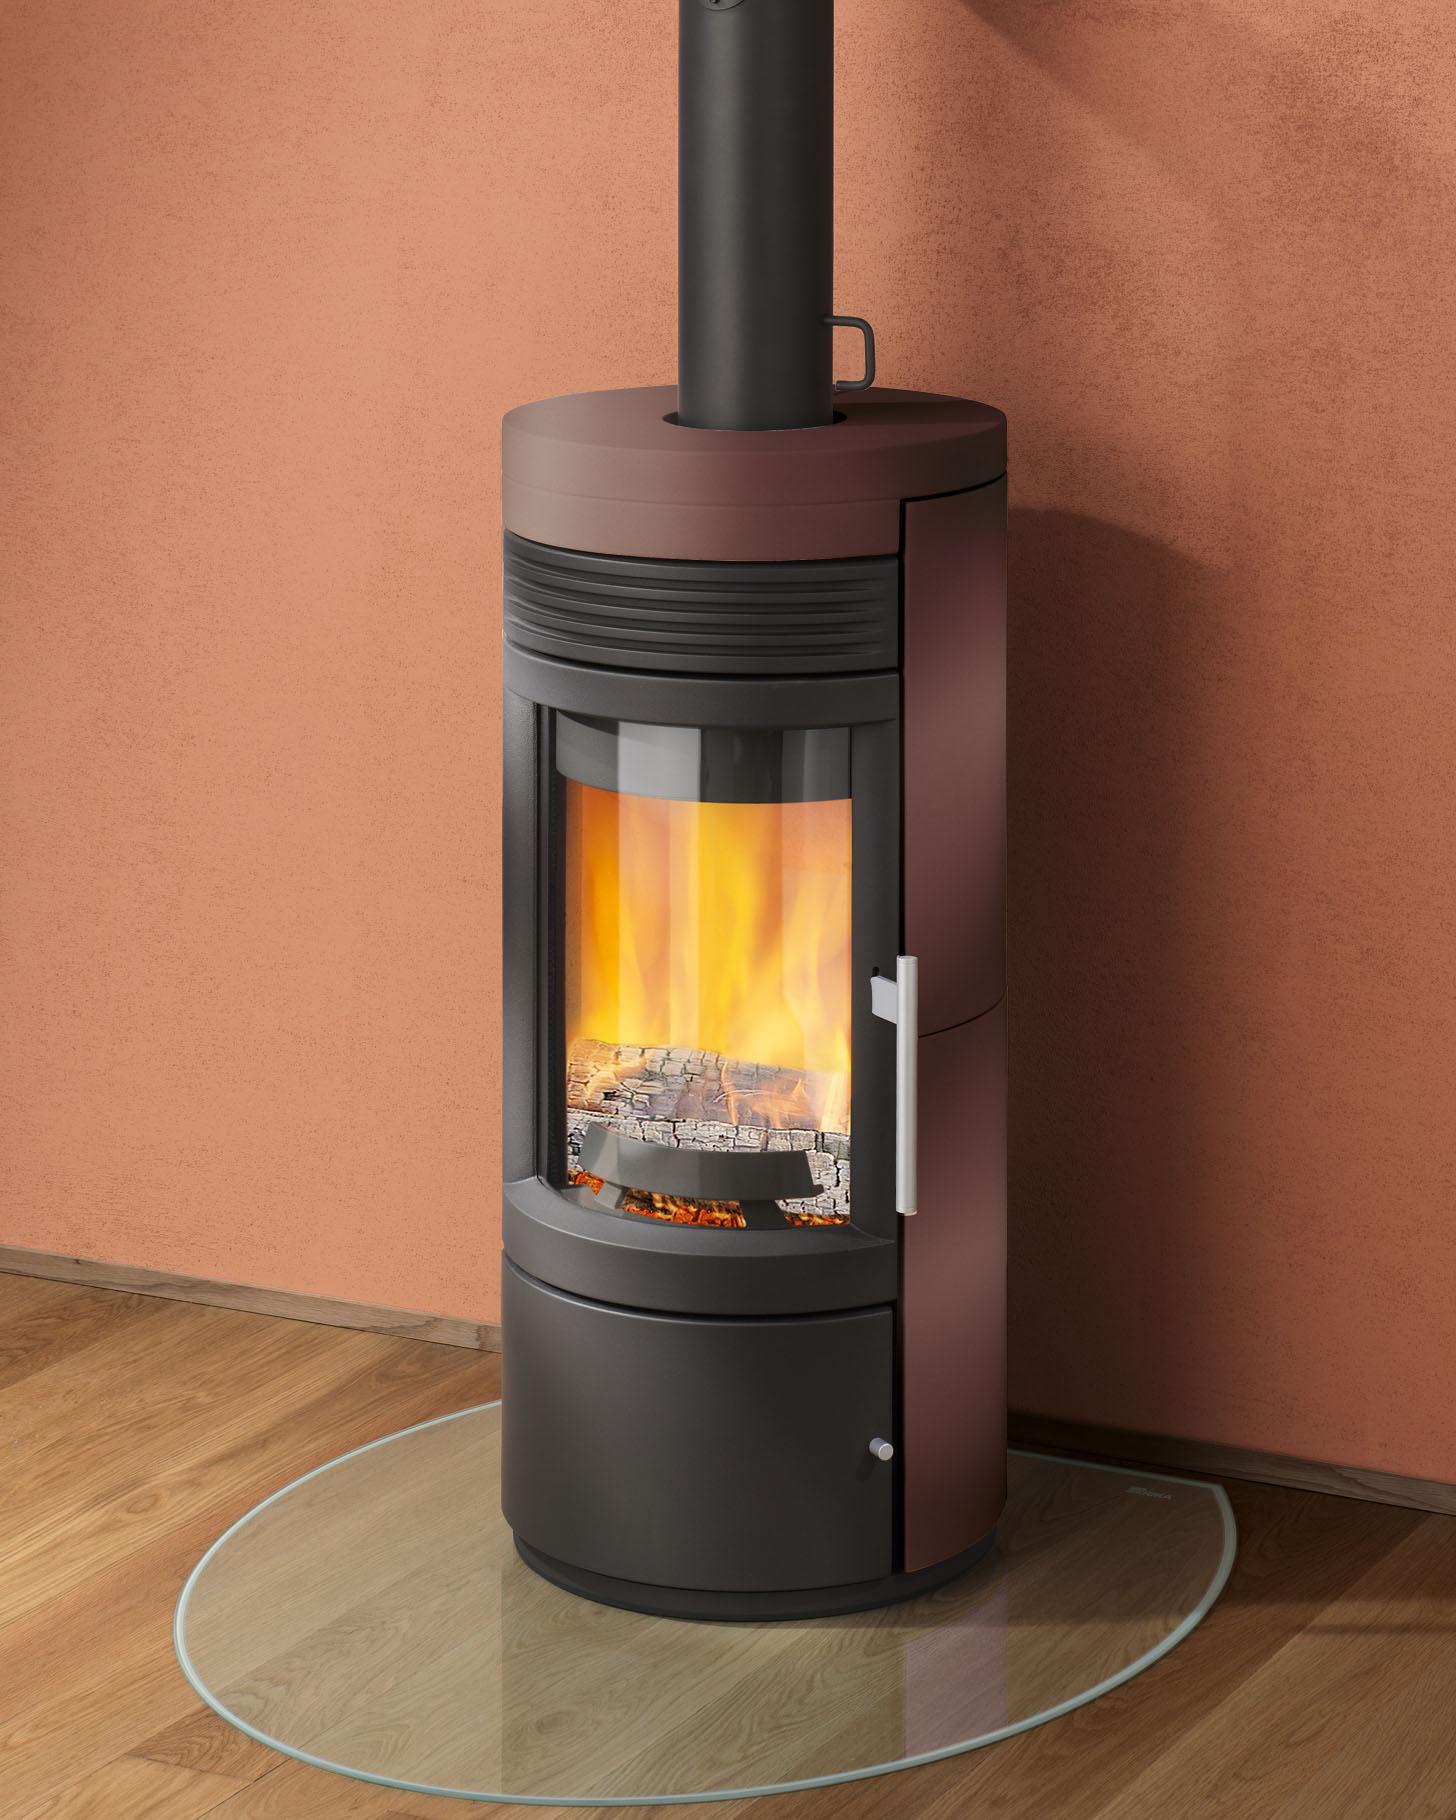 twist noir marron cubain les ma tres du feu chemin e po le bois po le granul s. Black Bedroom Furniture Sets. Home Design Ideas